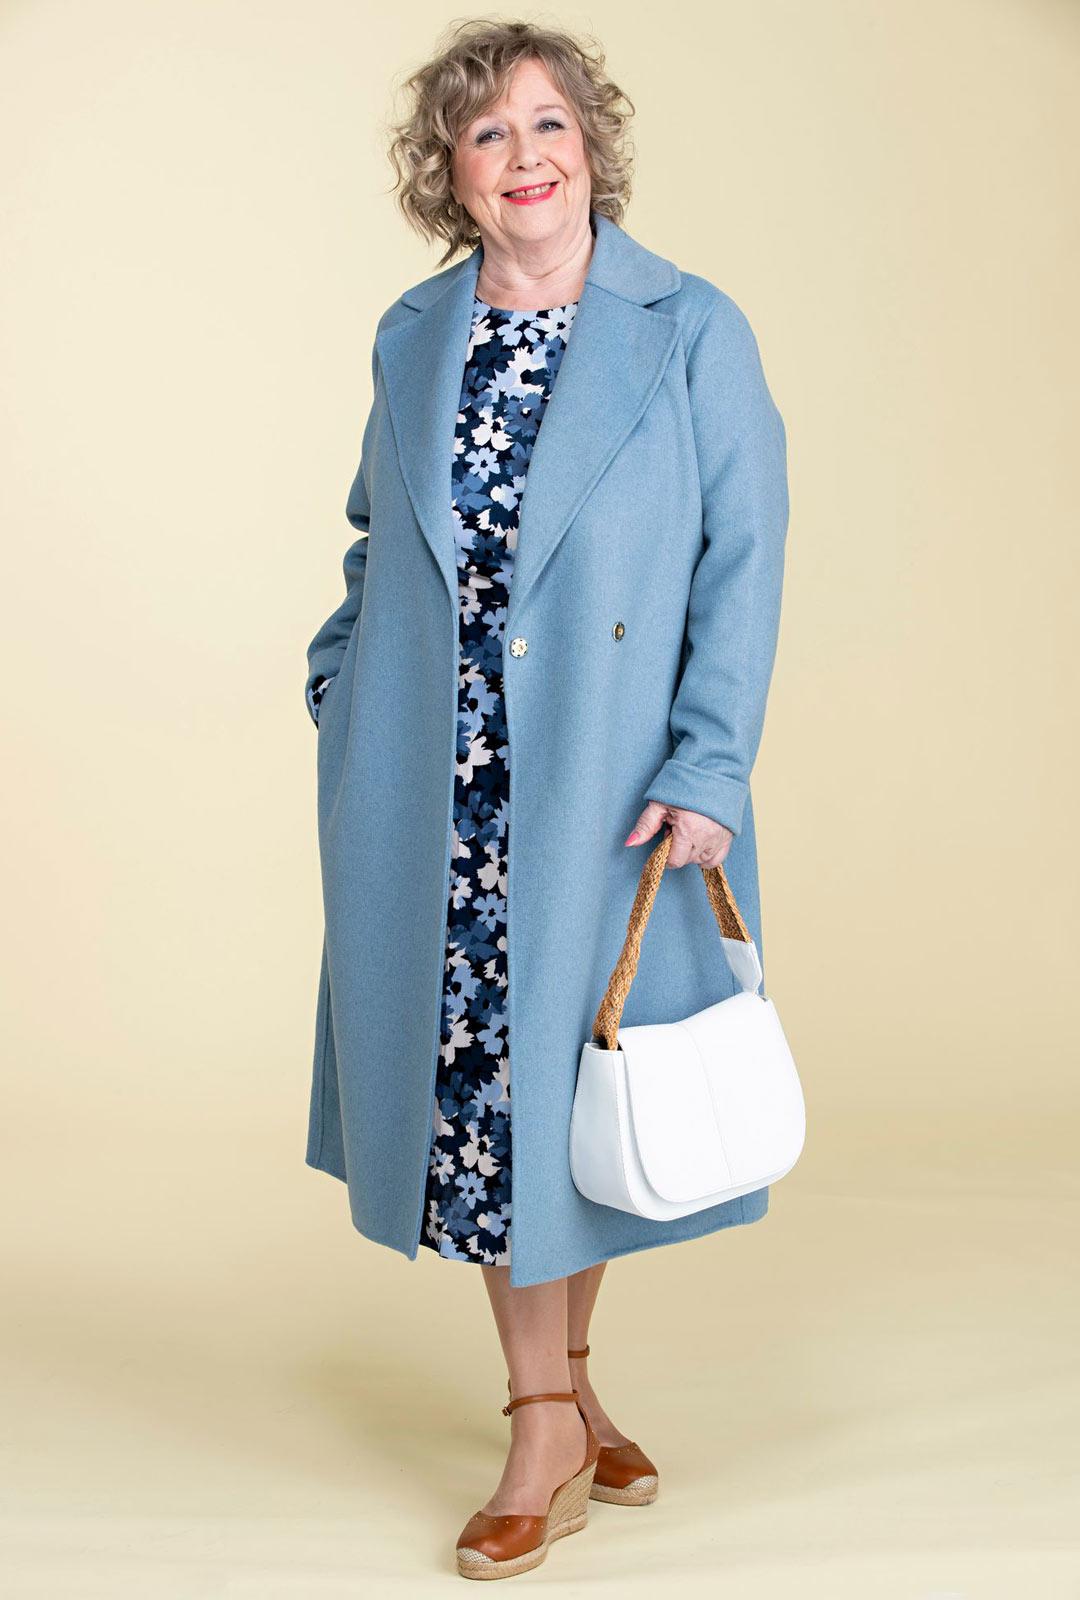 Vuorittoman takin kevyesti räätälöity linja istuu timantilla. Mekon malli on niukka ja vartaloa myötäilevä ylhäältä.